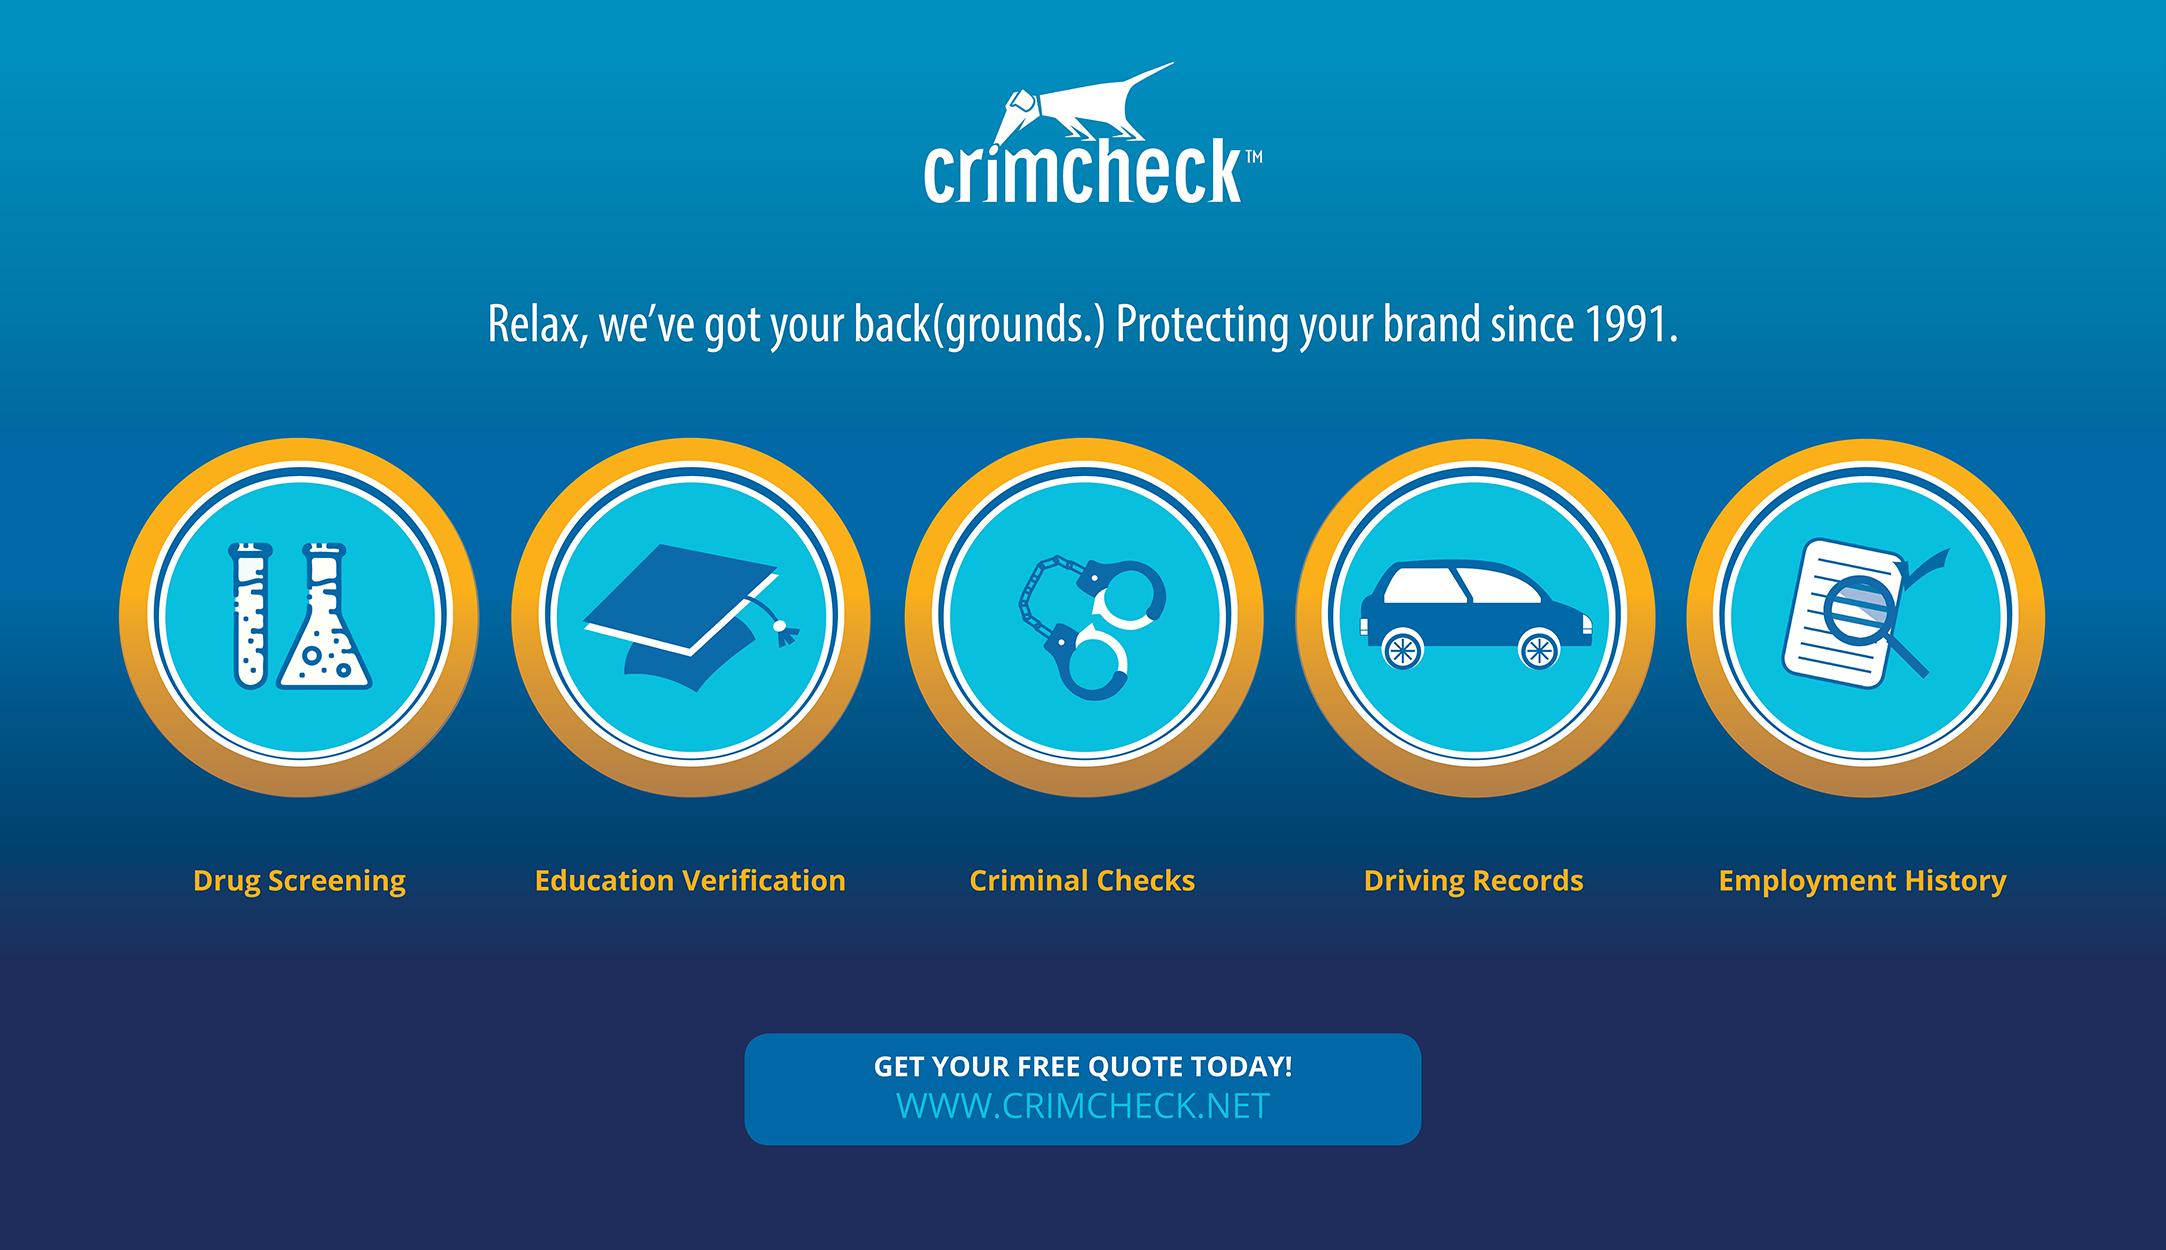 78043368 Crimcheck Marketplace Profile Image S